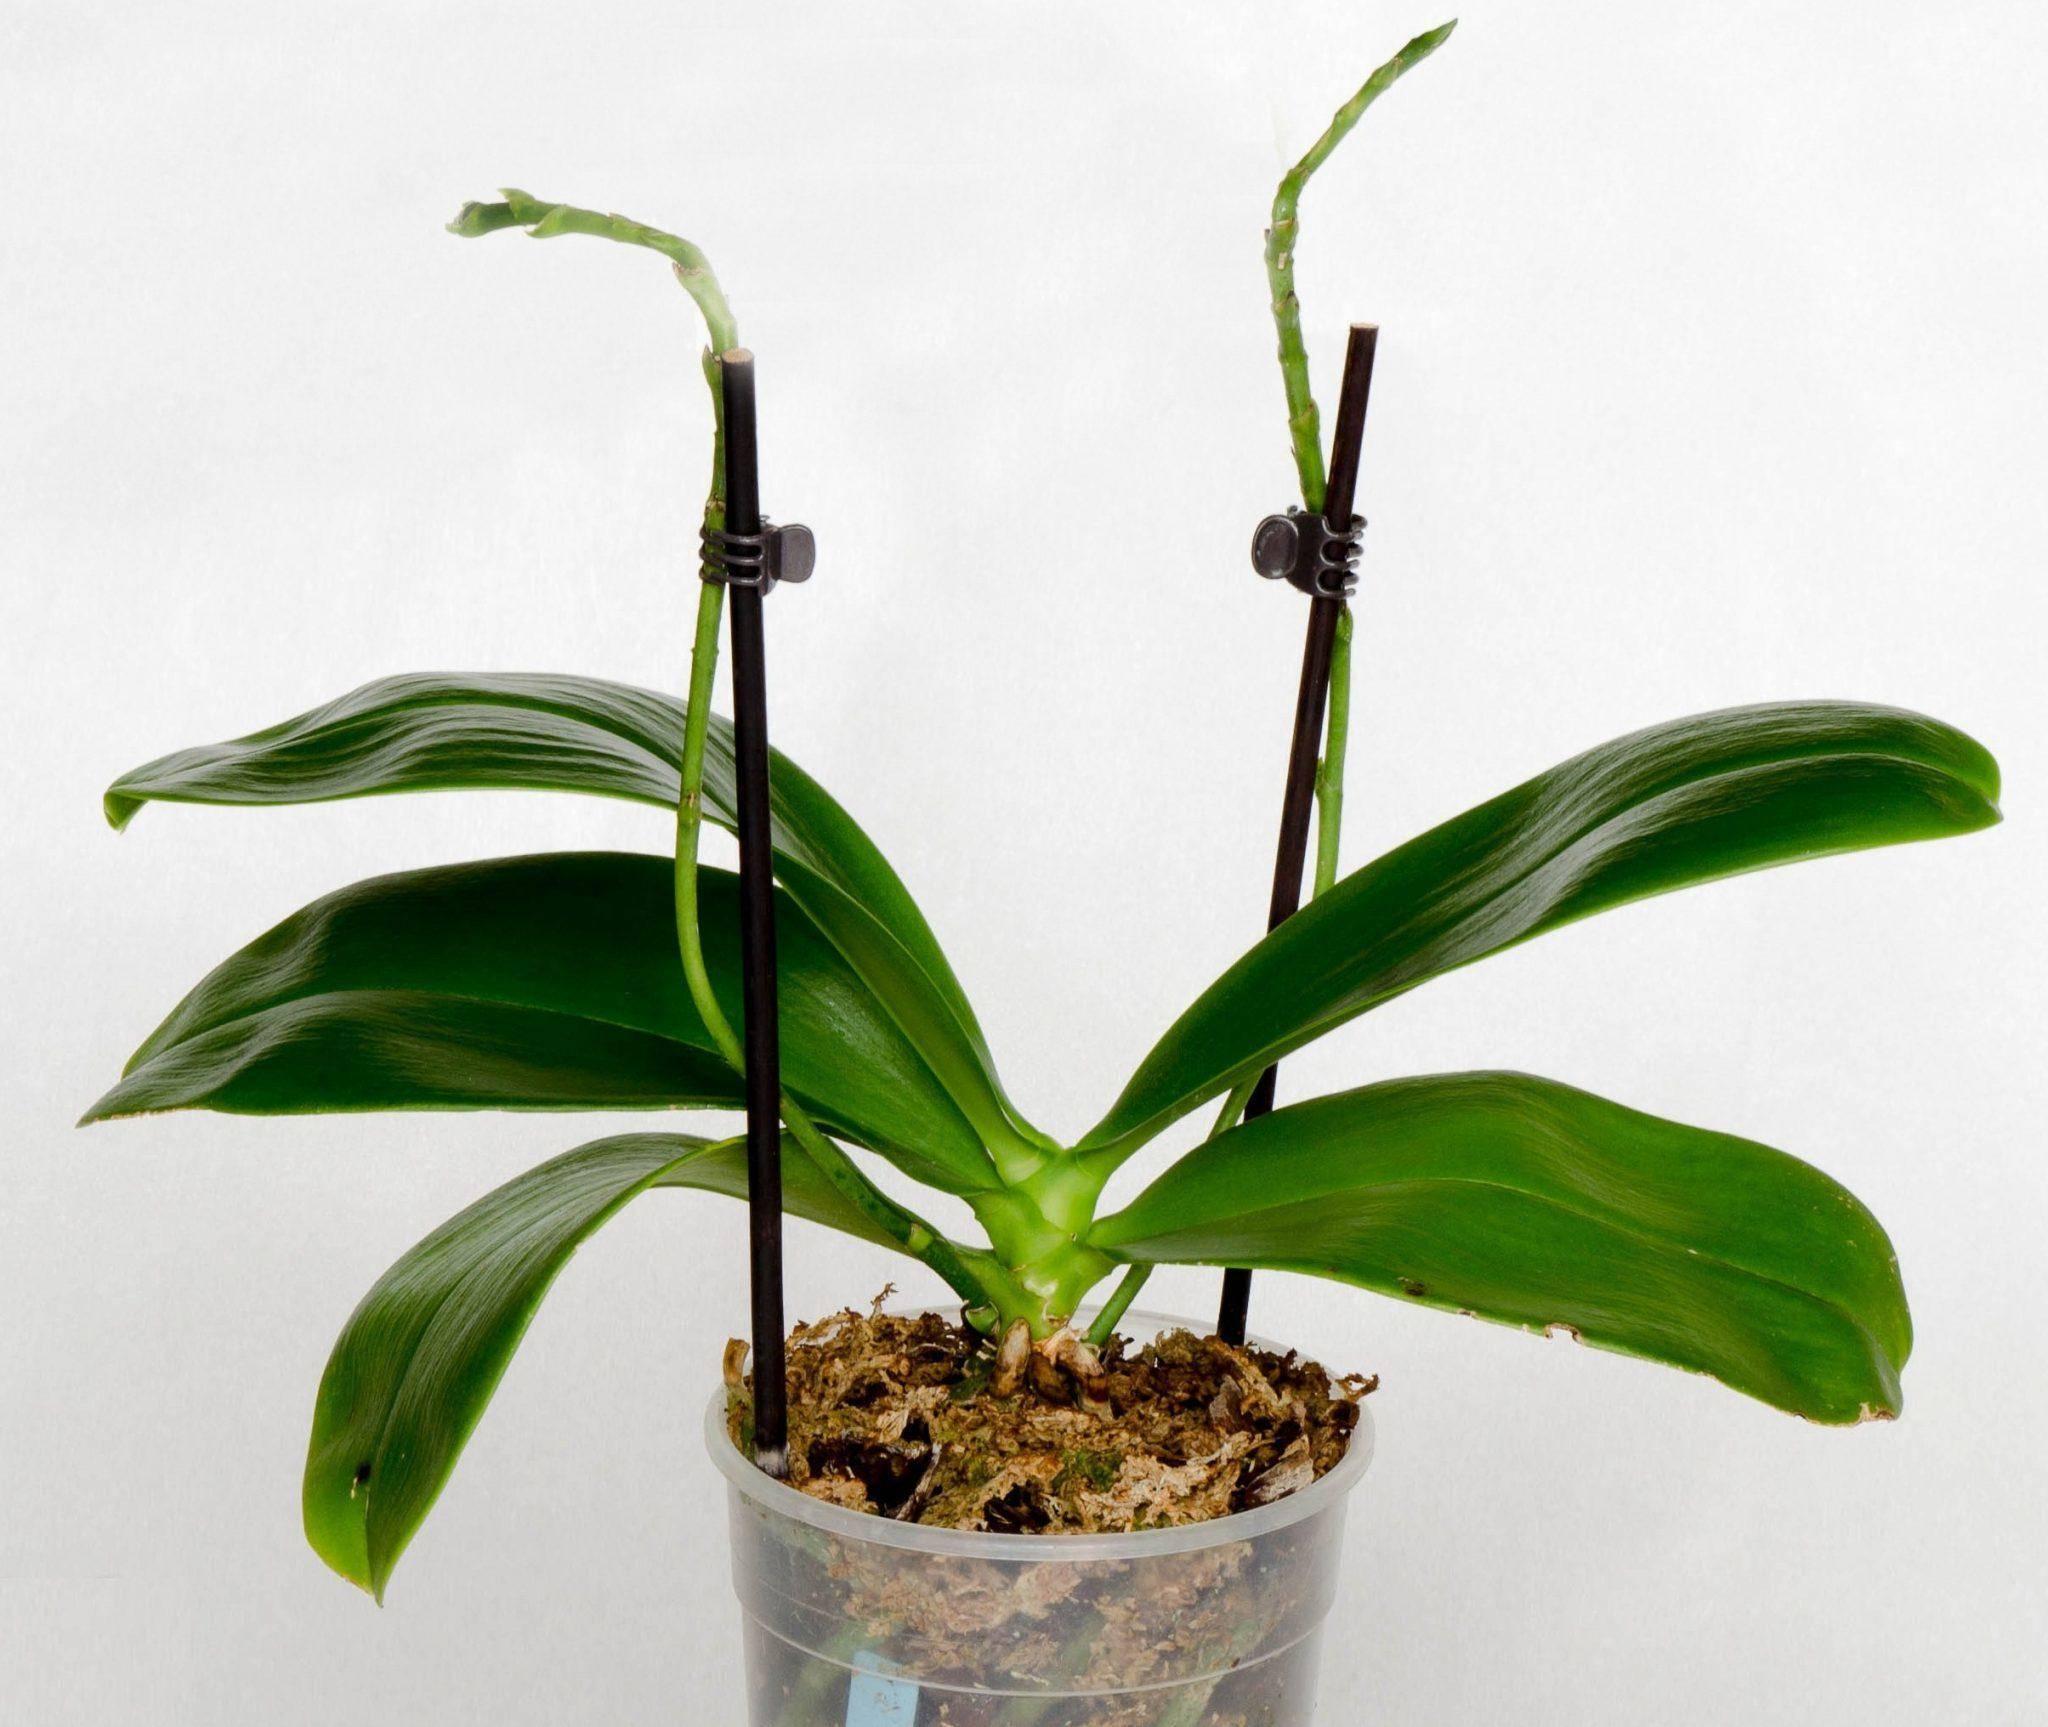 Фаленопсис отцветает, что делать дальше со стрелкой орхидеи, когда обрезать, как обеспечить правильный уход за растением в домашних условиях после распускания?